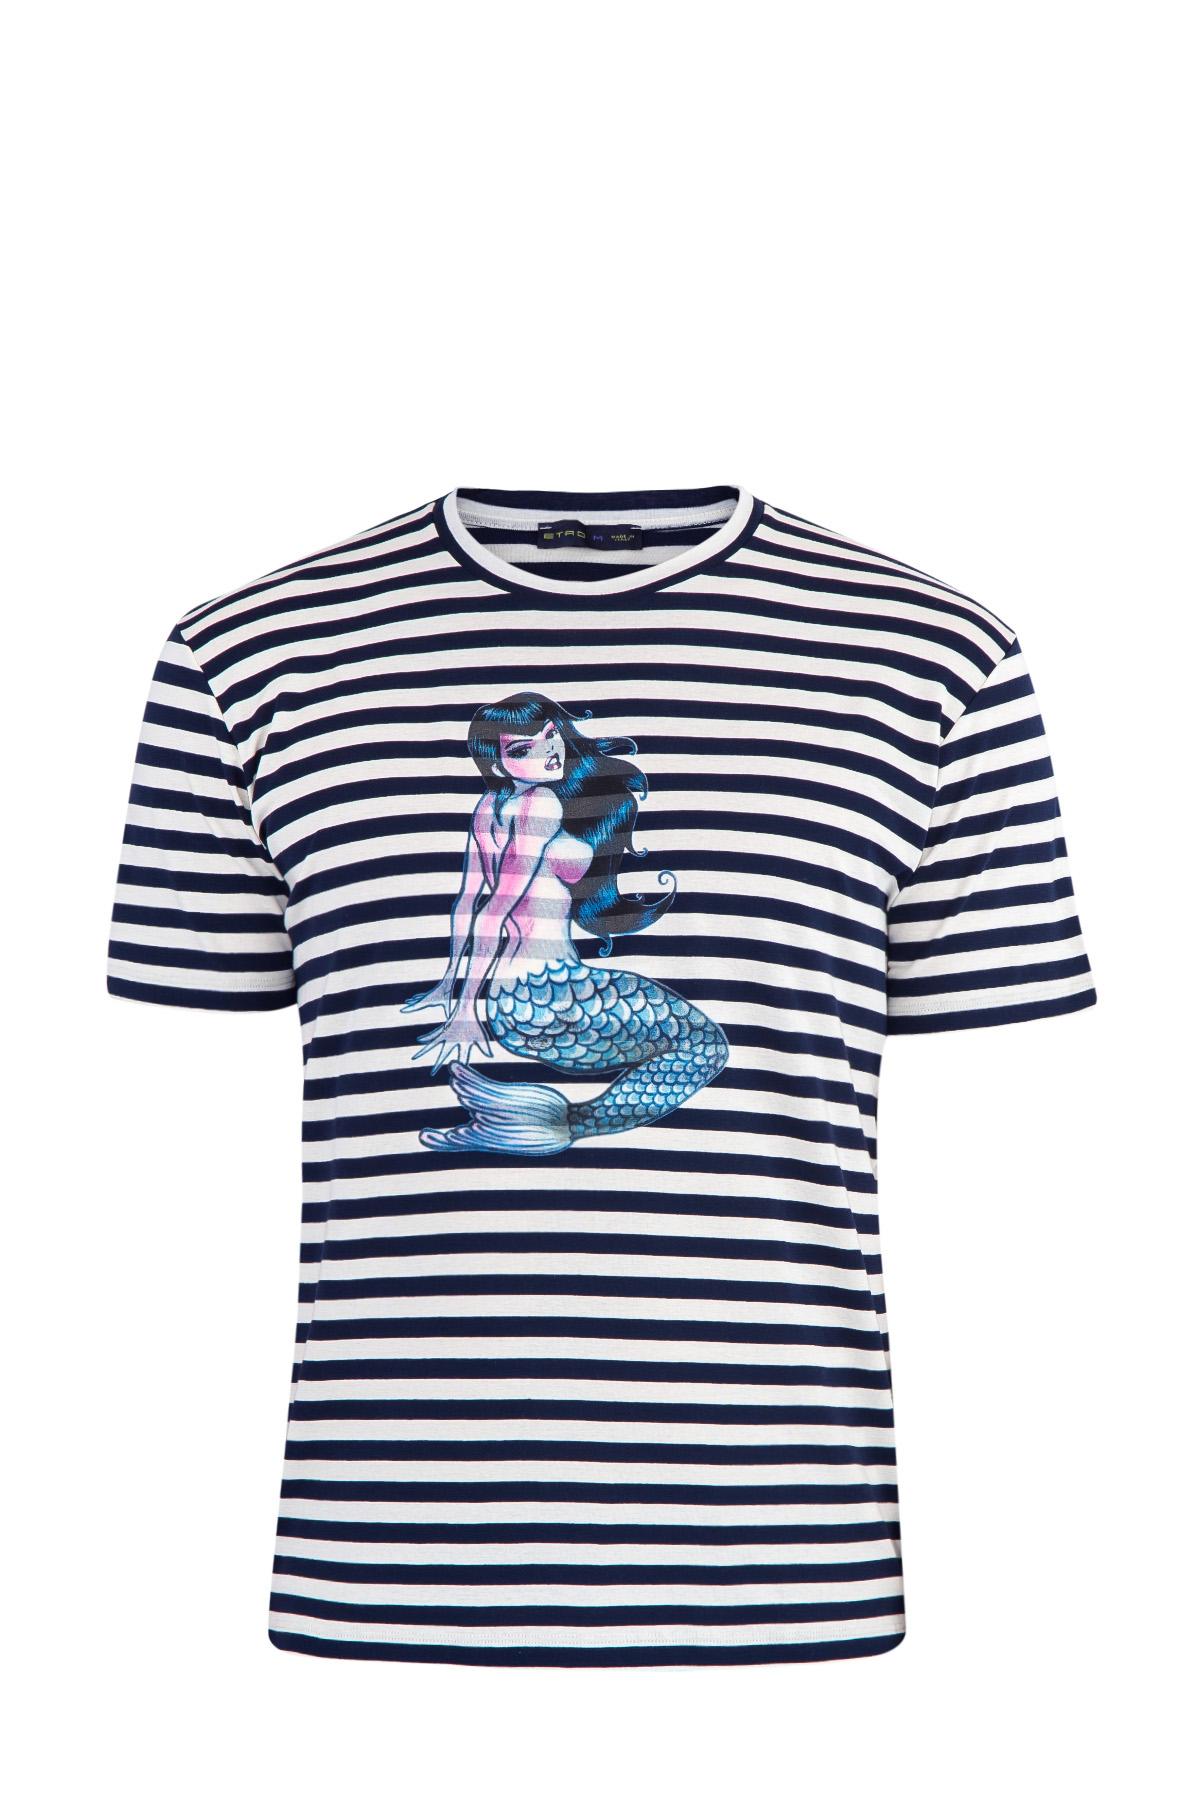 Купить со скидкой футболка